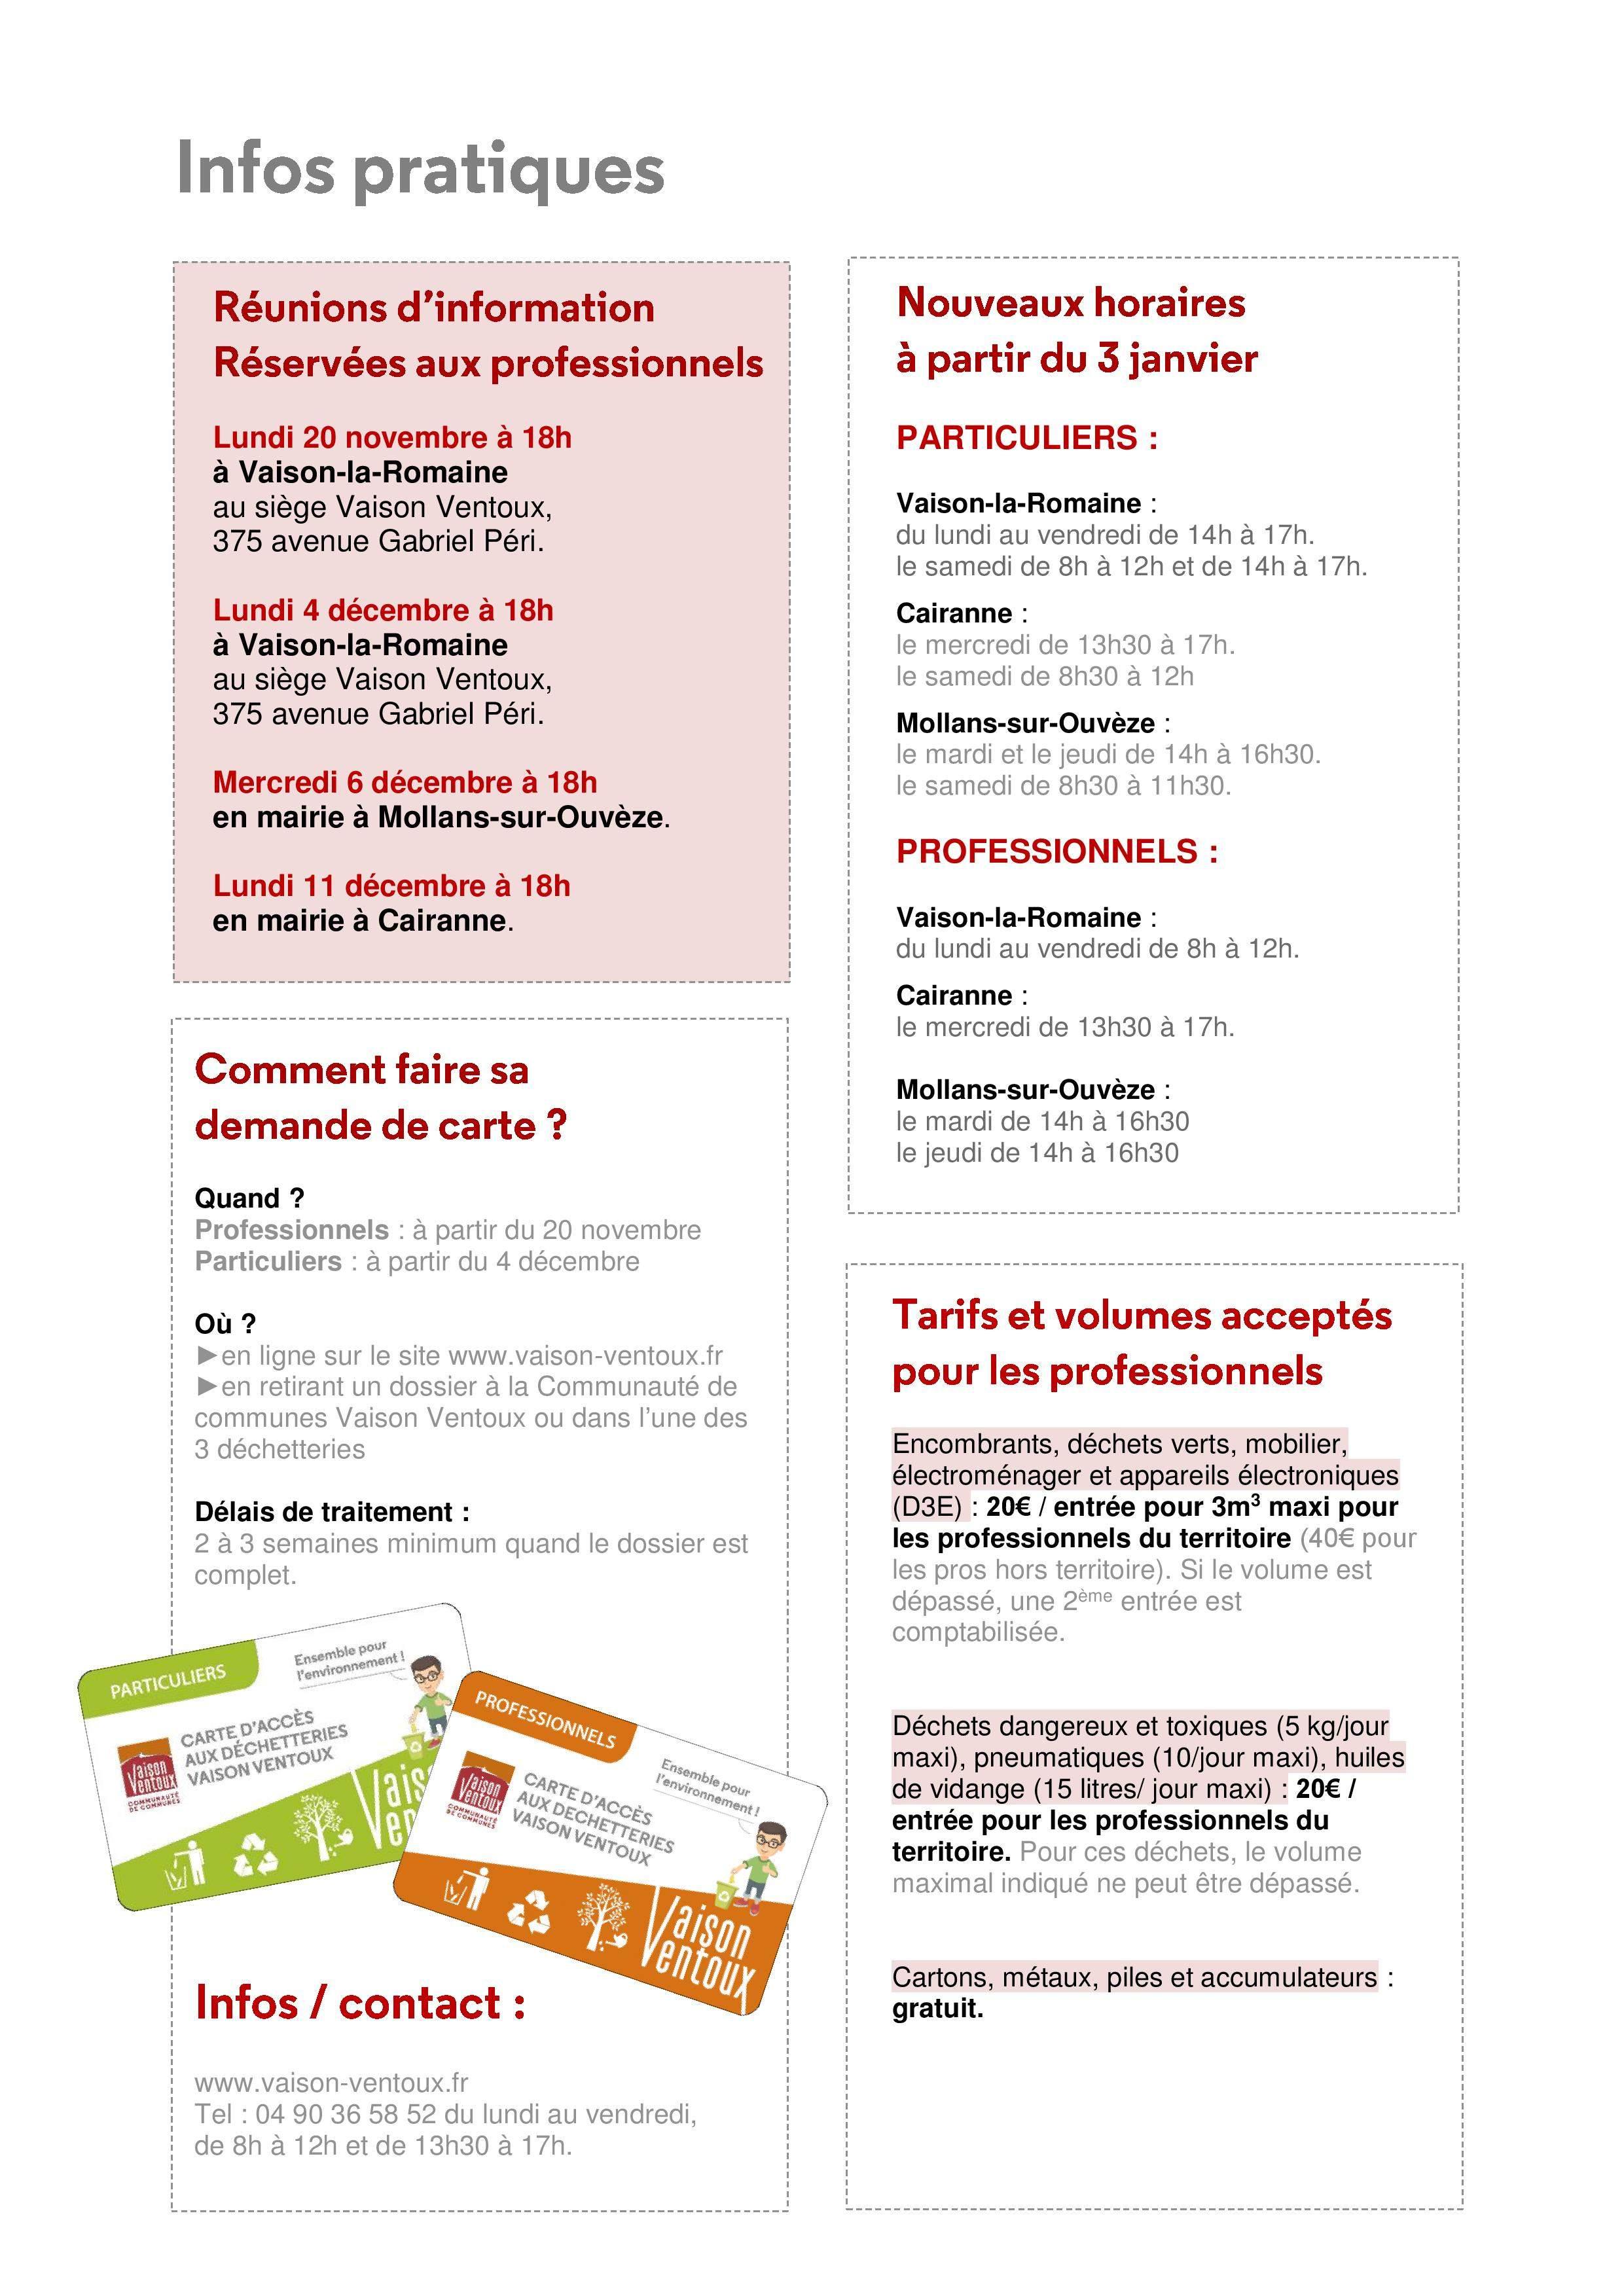 Acc s aux d chetteries mairie de faucon for Mairie de salon de provence etat civil